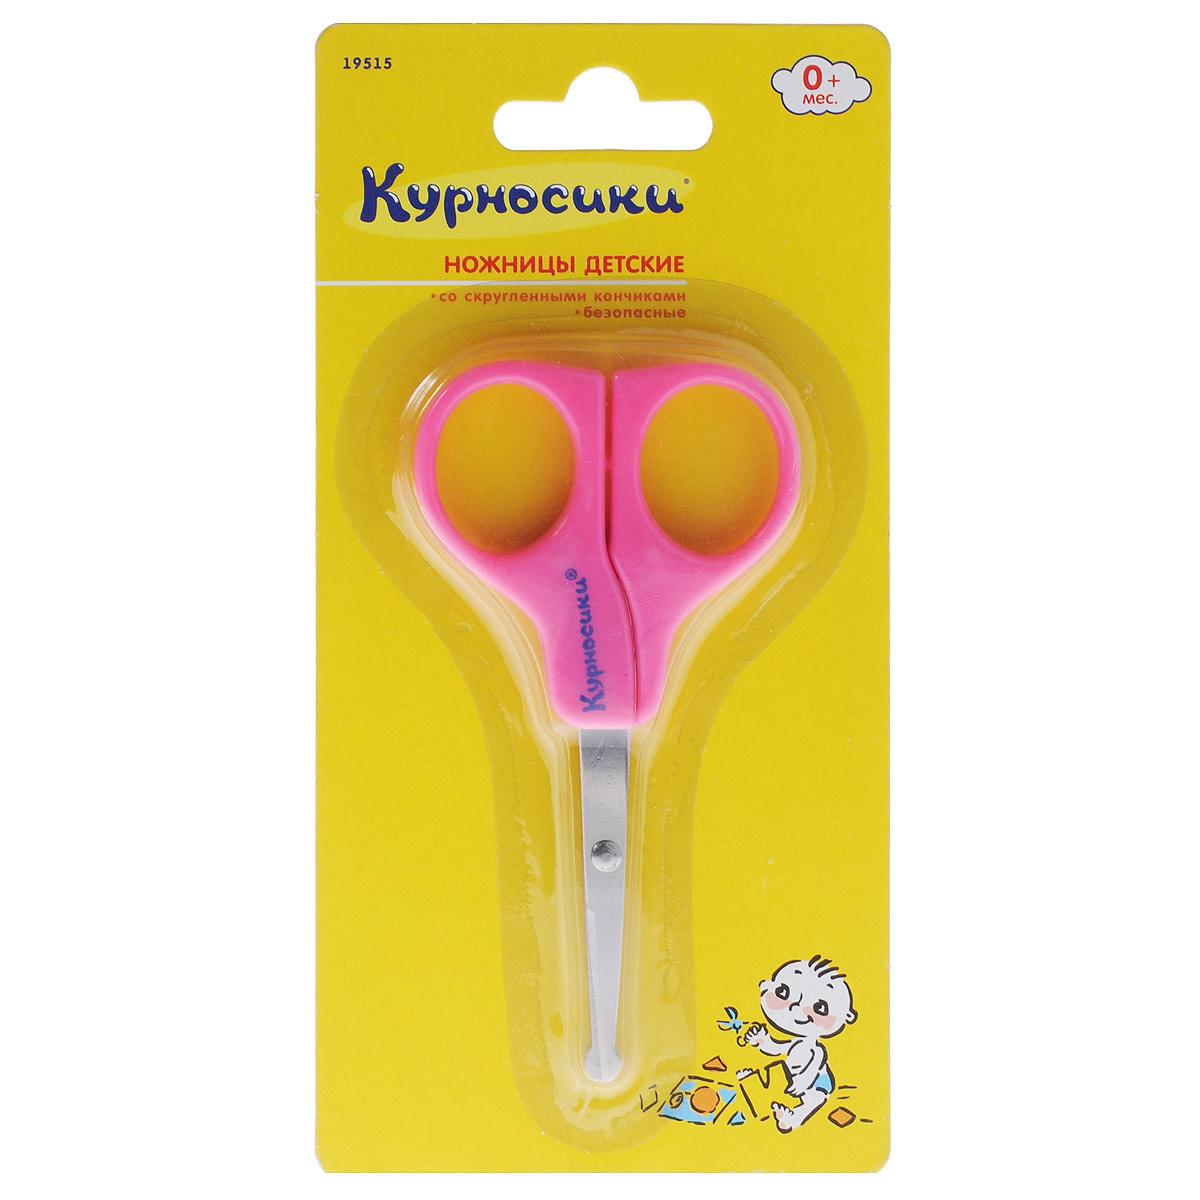 Ножницы детские Курносики, цвет: розовый19515розовый